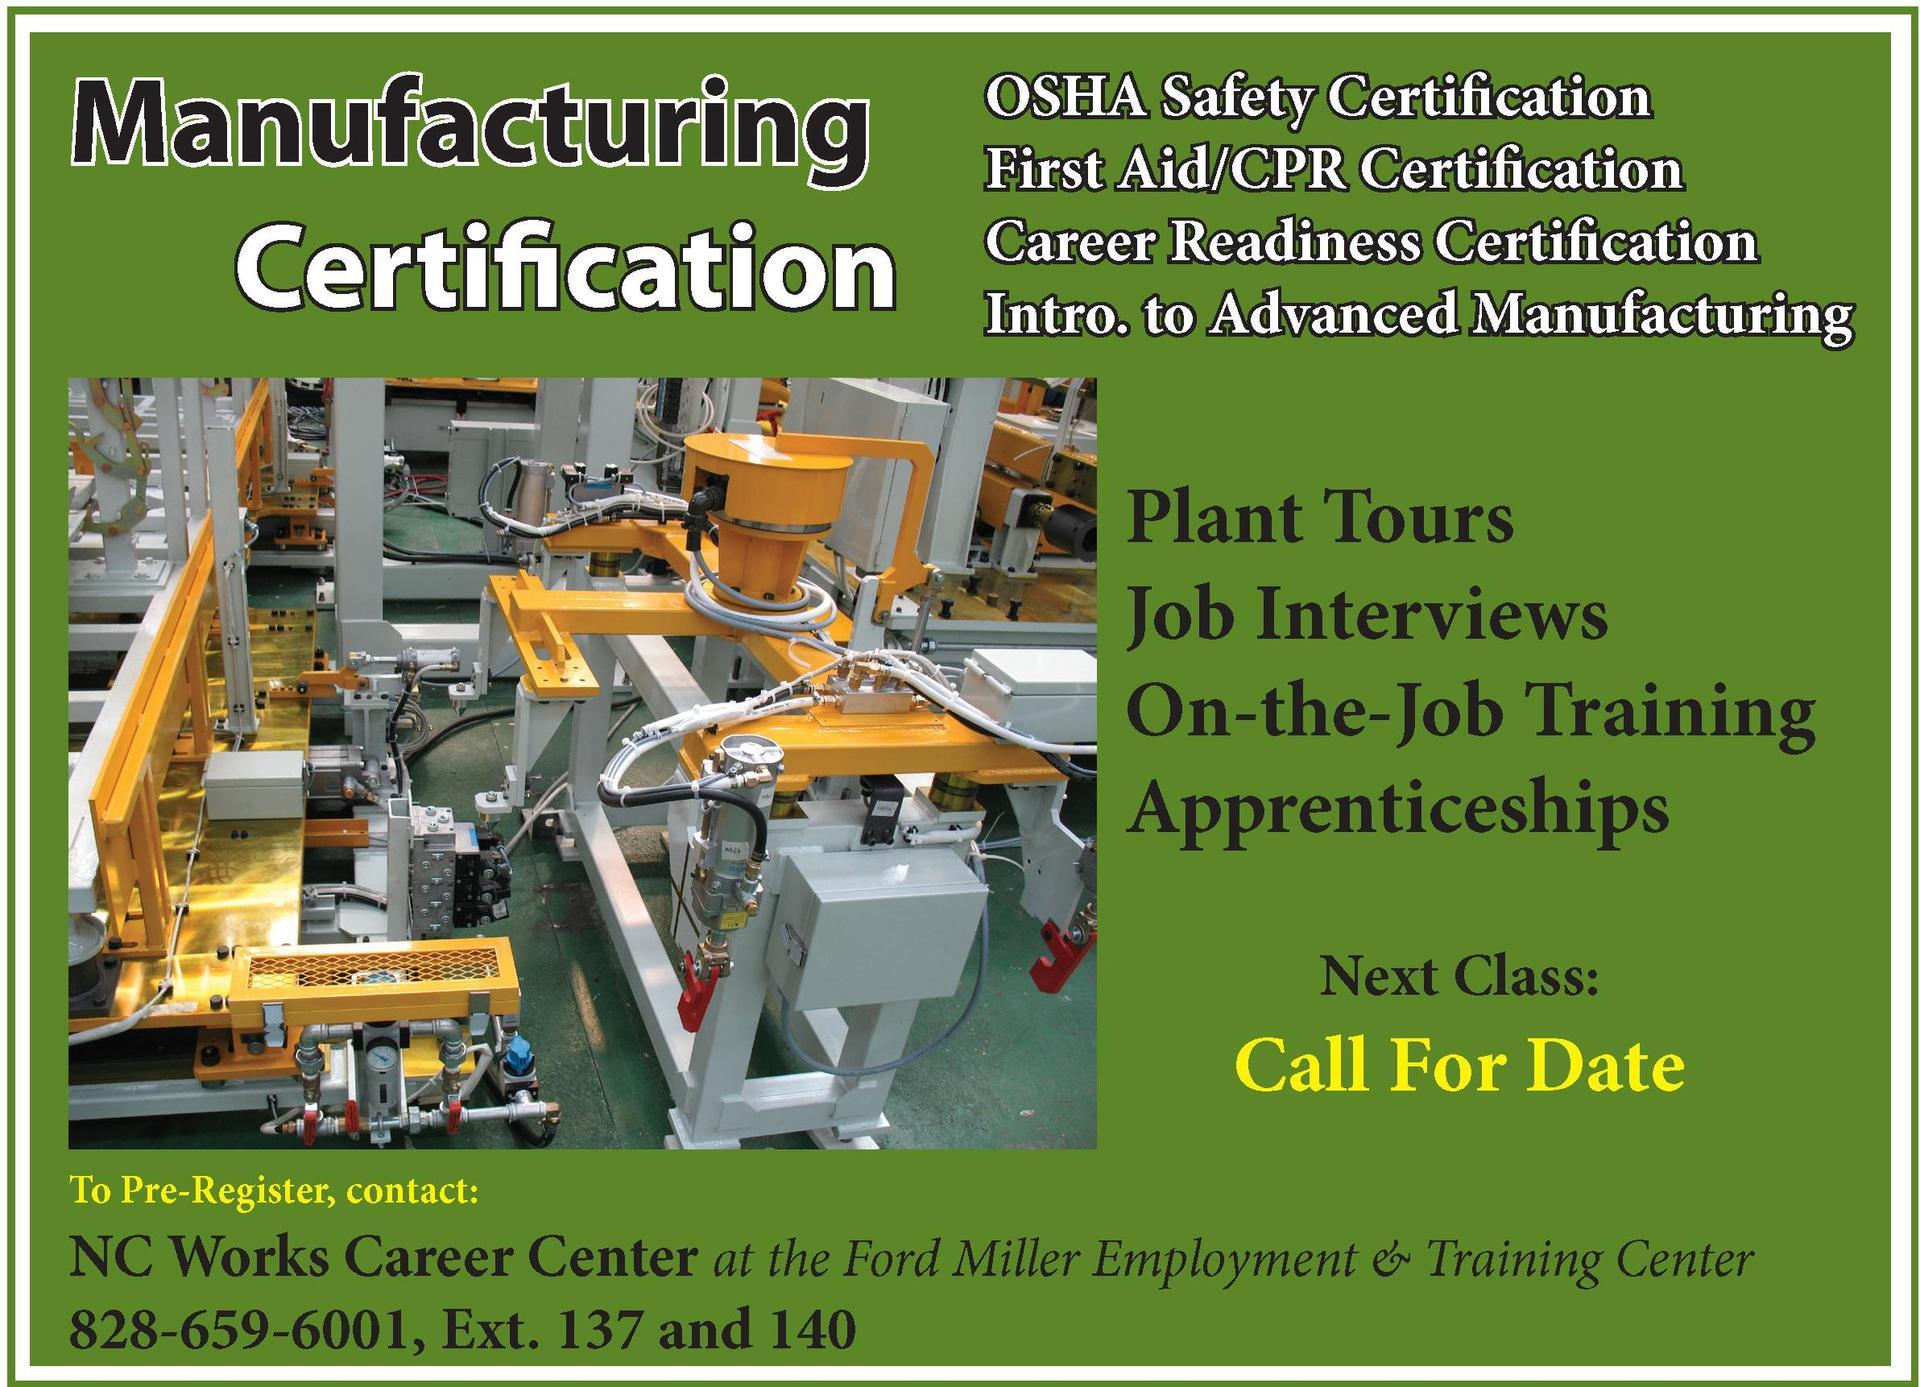 mfg certification